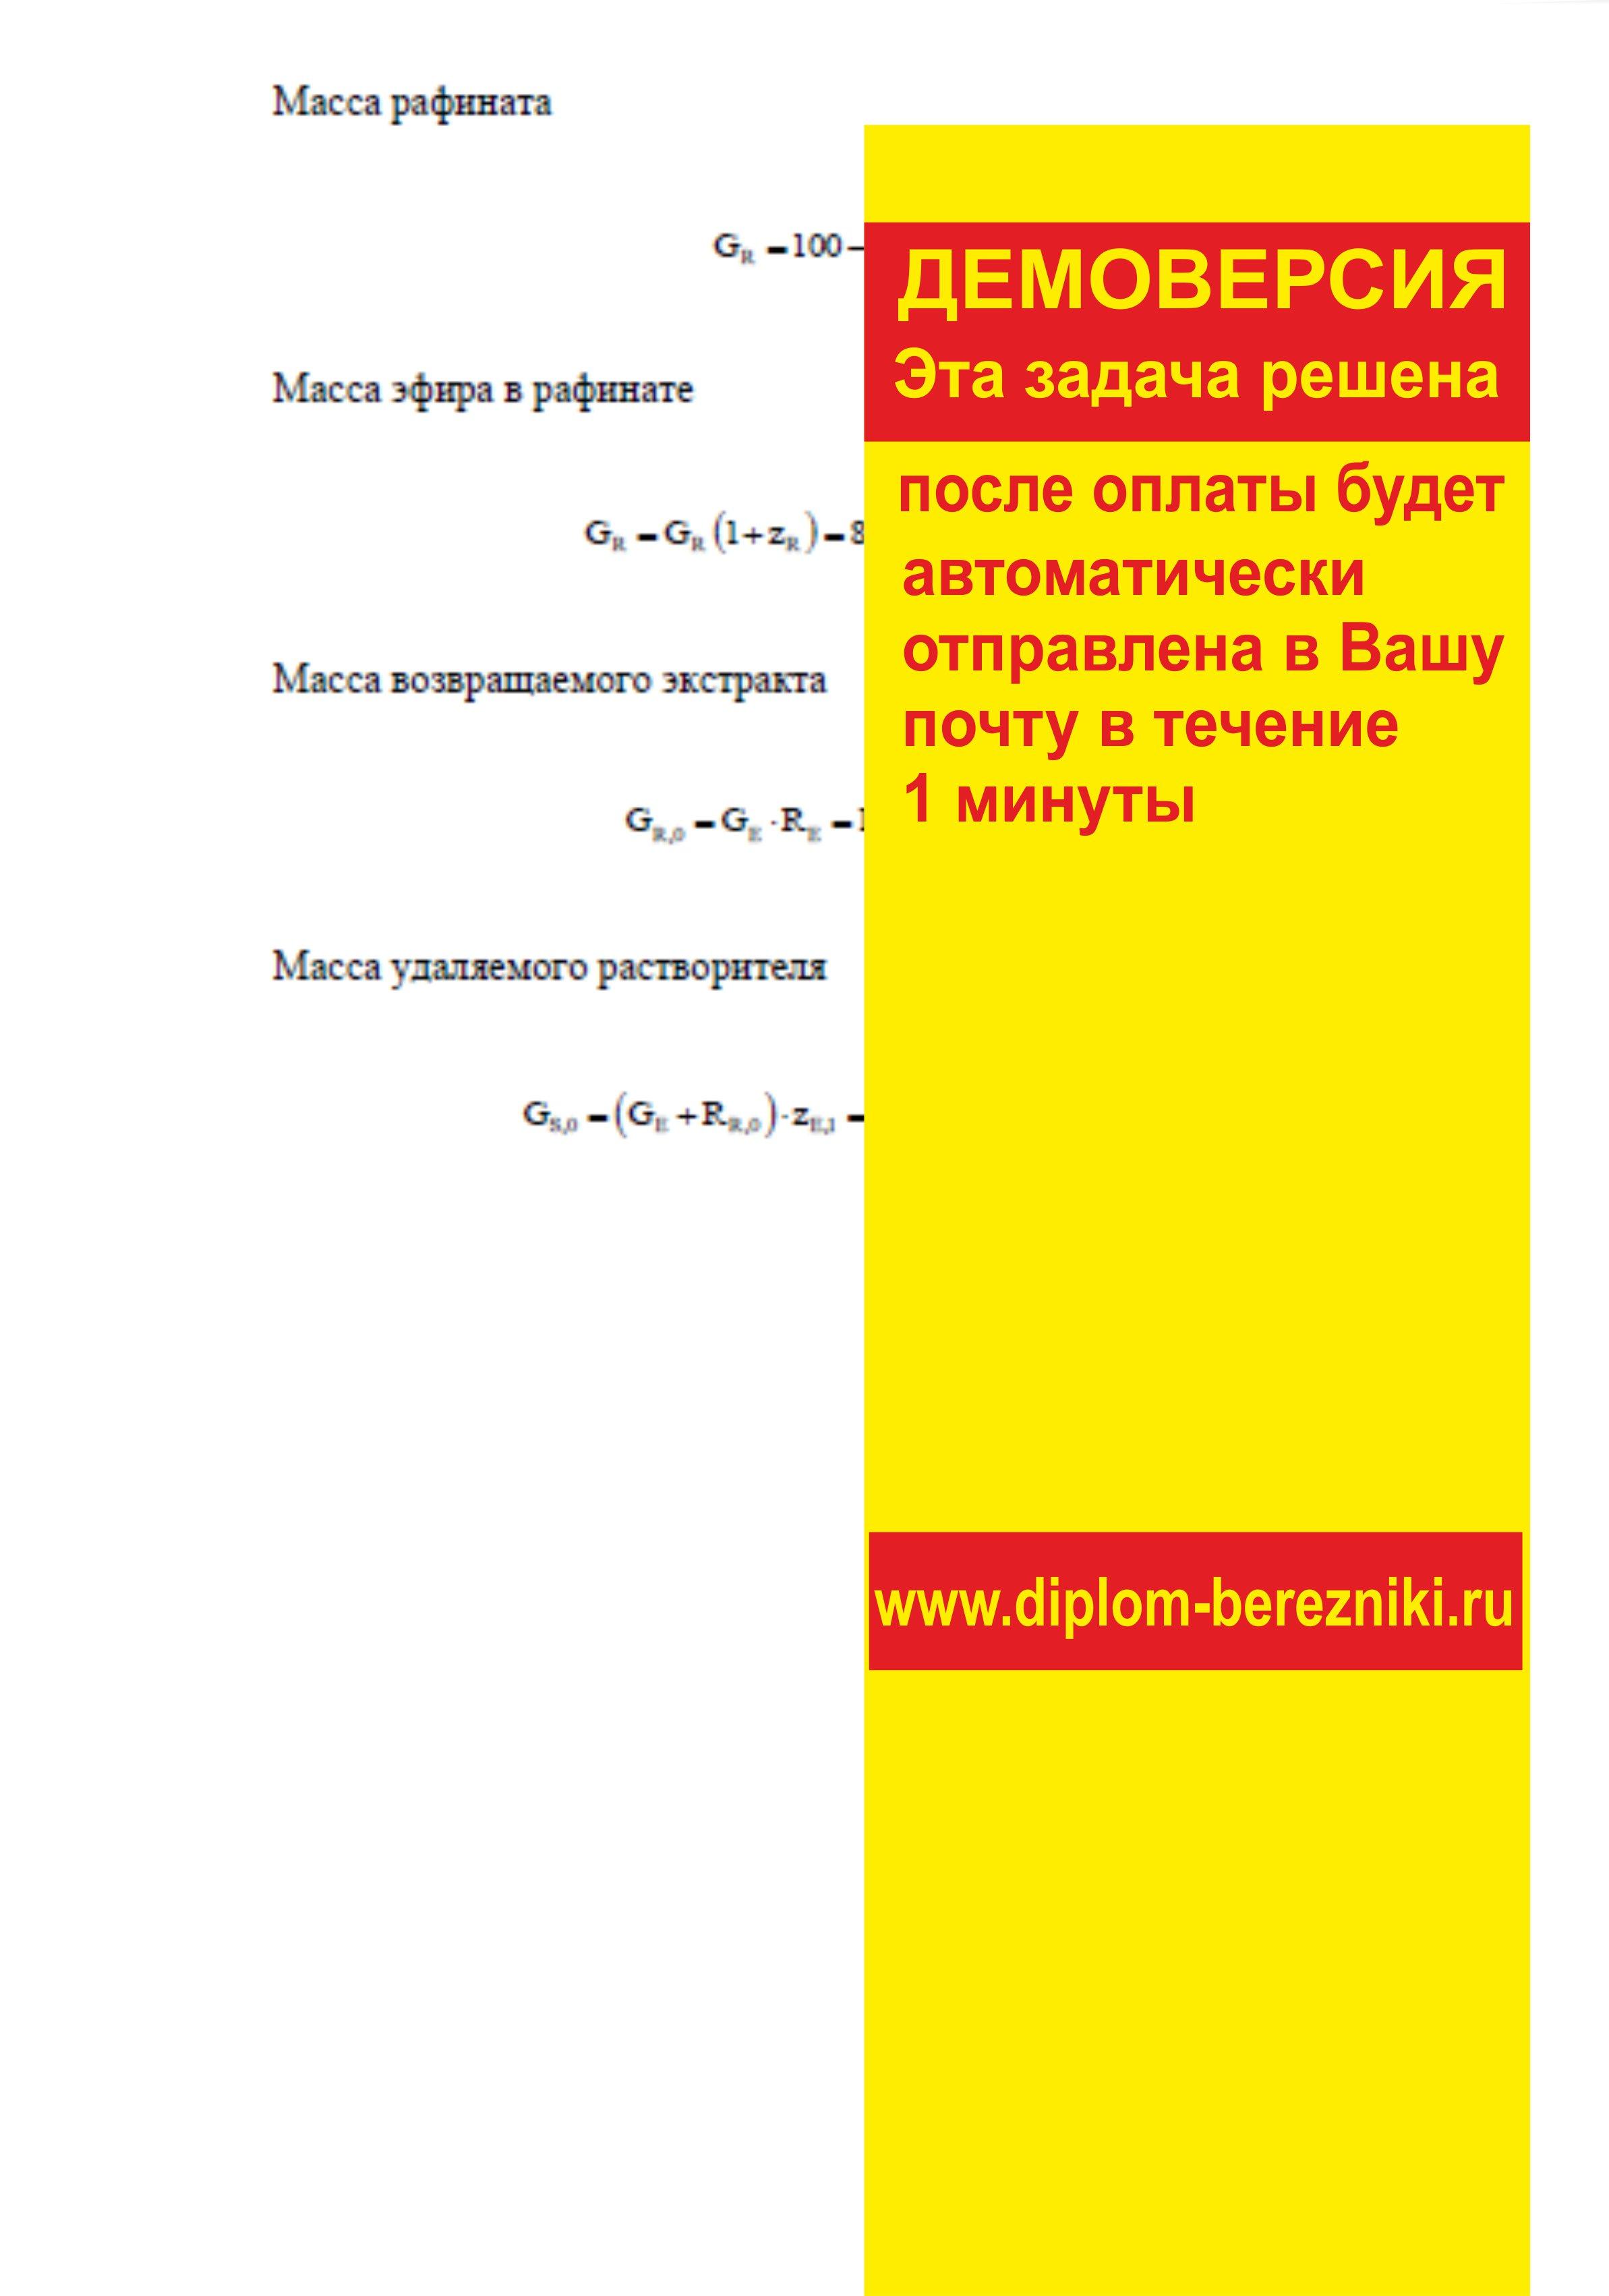 Решение задачи 8.8 по ПАХТ из задачника Павлова Романкова Носкова